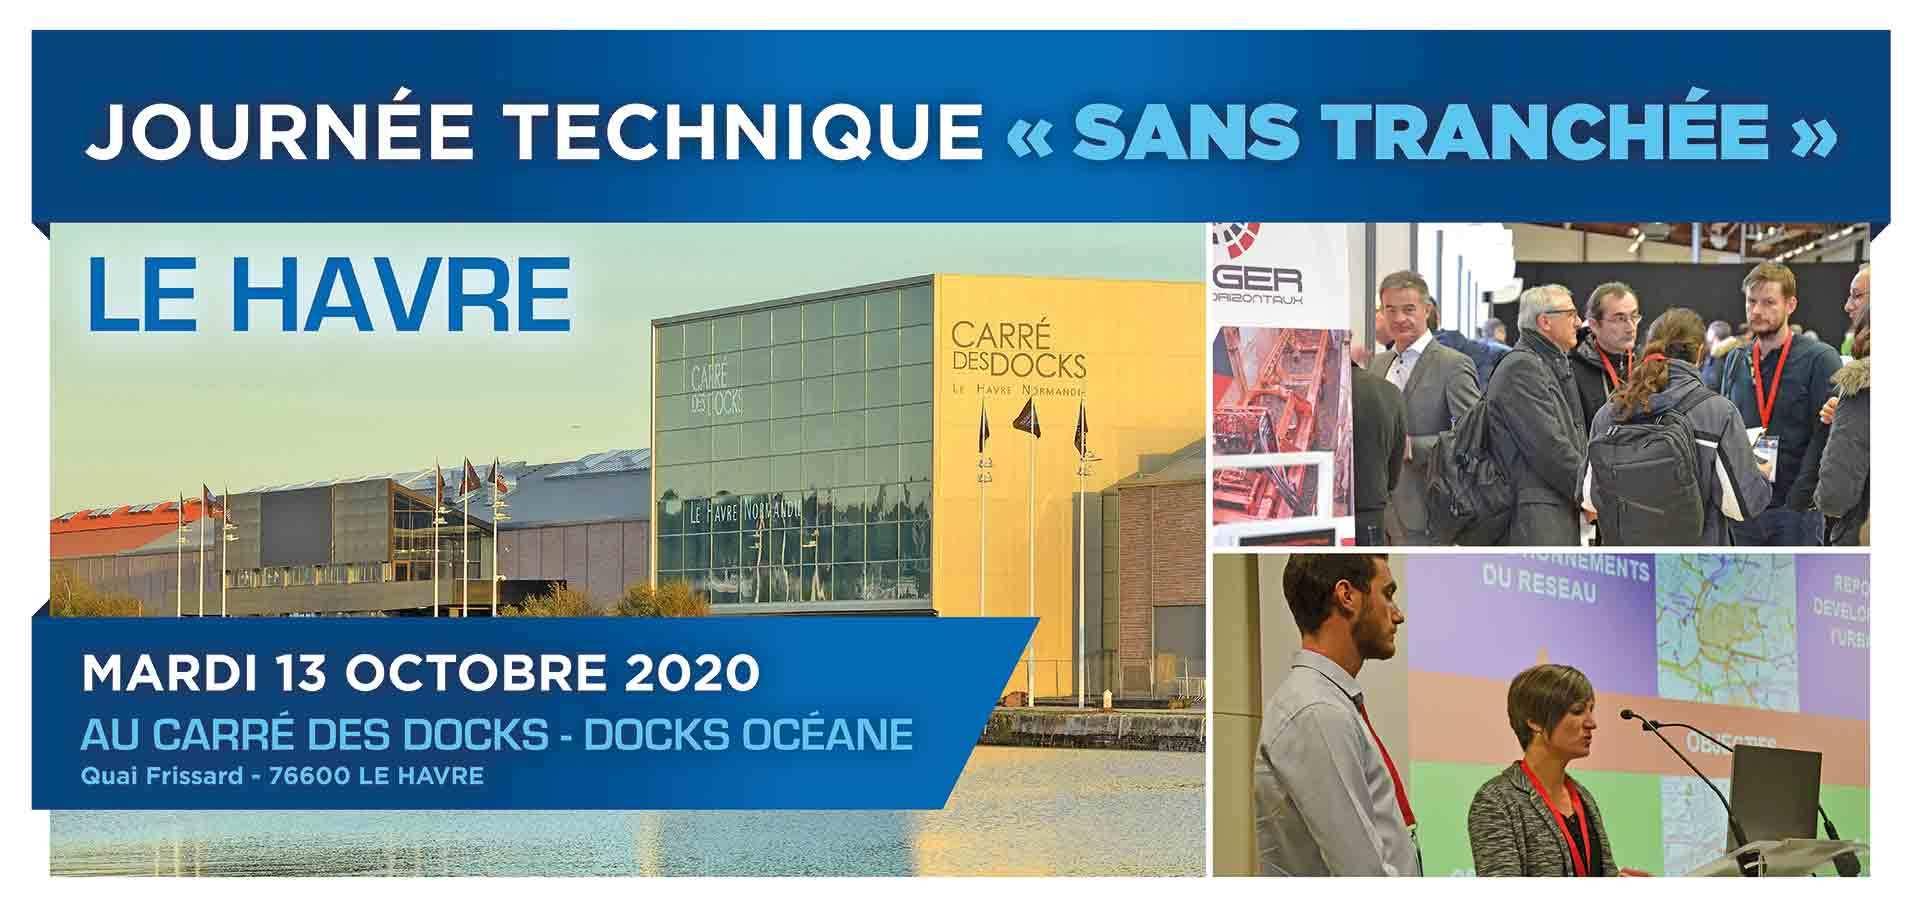 Journée technique sans tranchée AU HAVRE FIN 2020